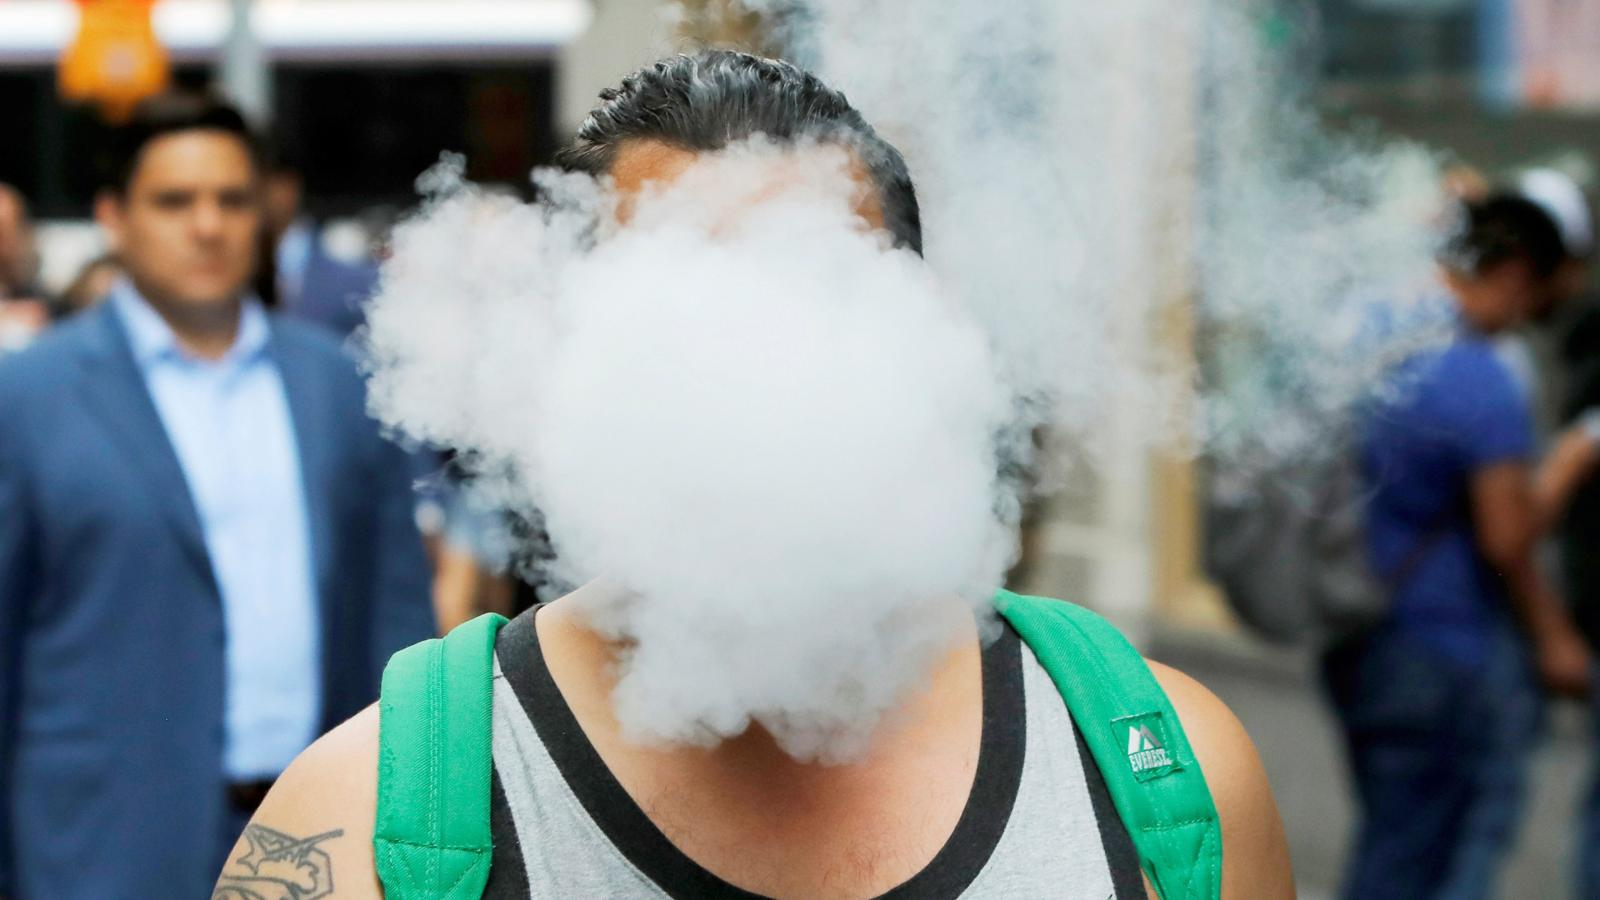 Estudio revela que el vaping podría ser más peligroso que fumar cigarrillos